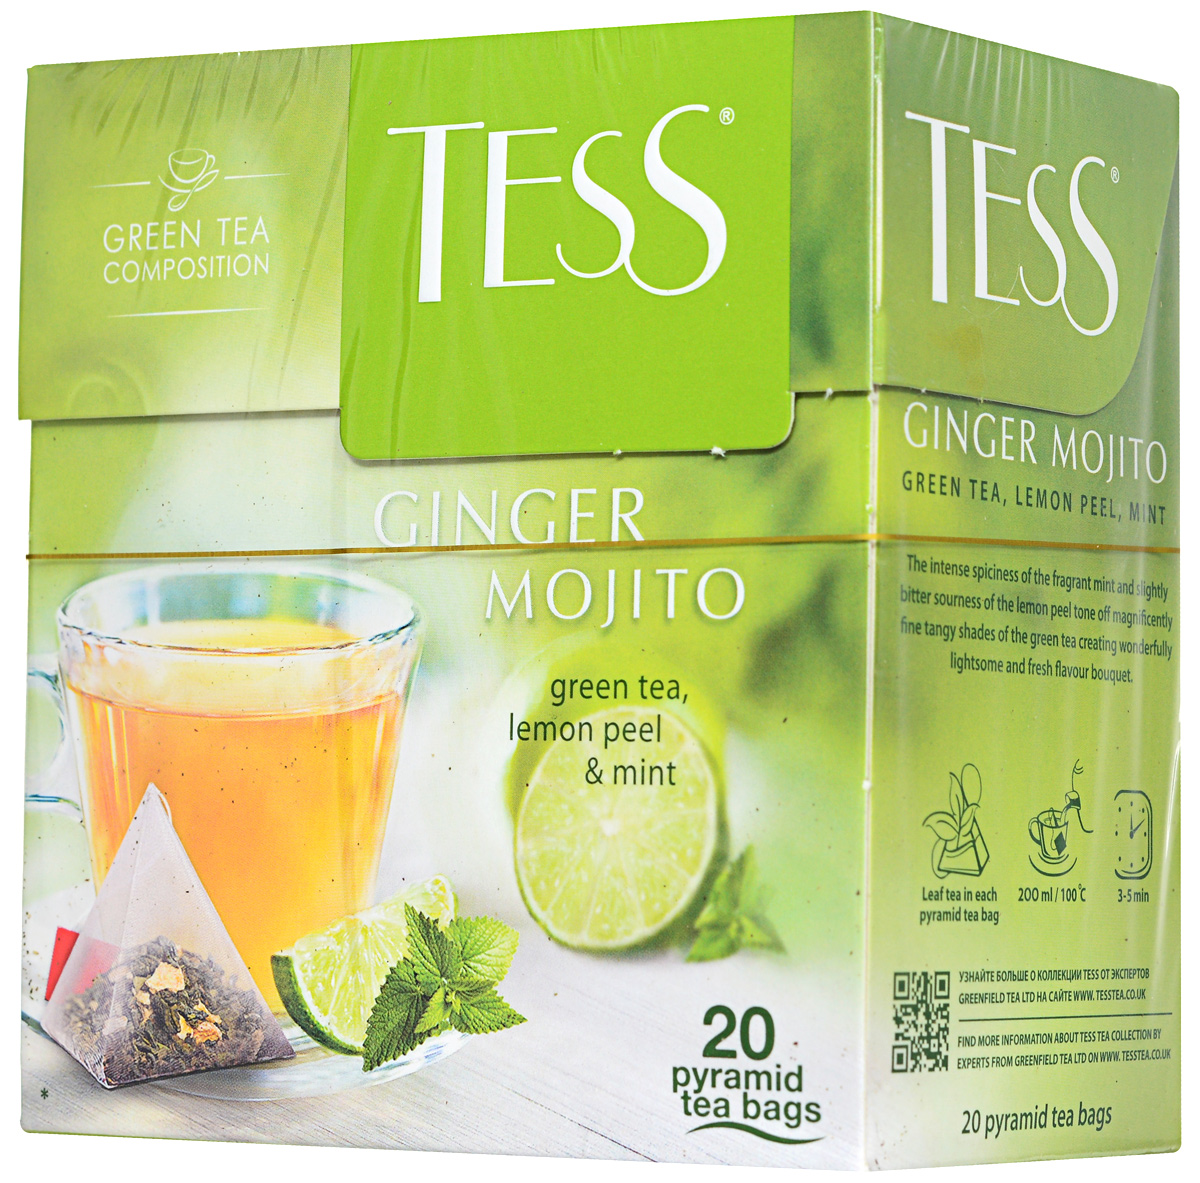 Tess Ginger Mojito зеленый чай в пирамидках с цедрой лимона и мятой, 20 шт0788-12Насыщенная пряность душистой мяты и горьковатая кислинка лимонной цедры в Tess Ginger Mojito великолепно оттеняют тонкие терпкие ноты зеленого чая, создавая удивительно легкий и свежий вкусовой букет.Всё о чае: сорта, факты, советы по выбору и употреблению. Статья OZON Гид